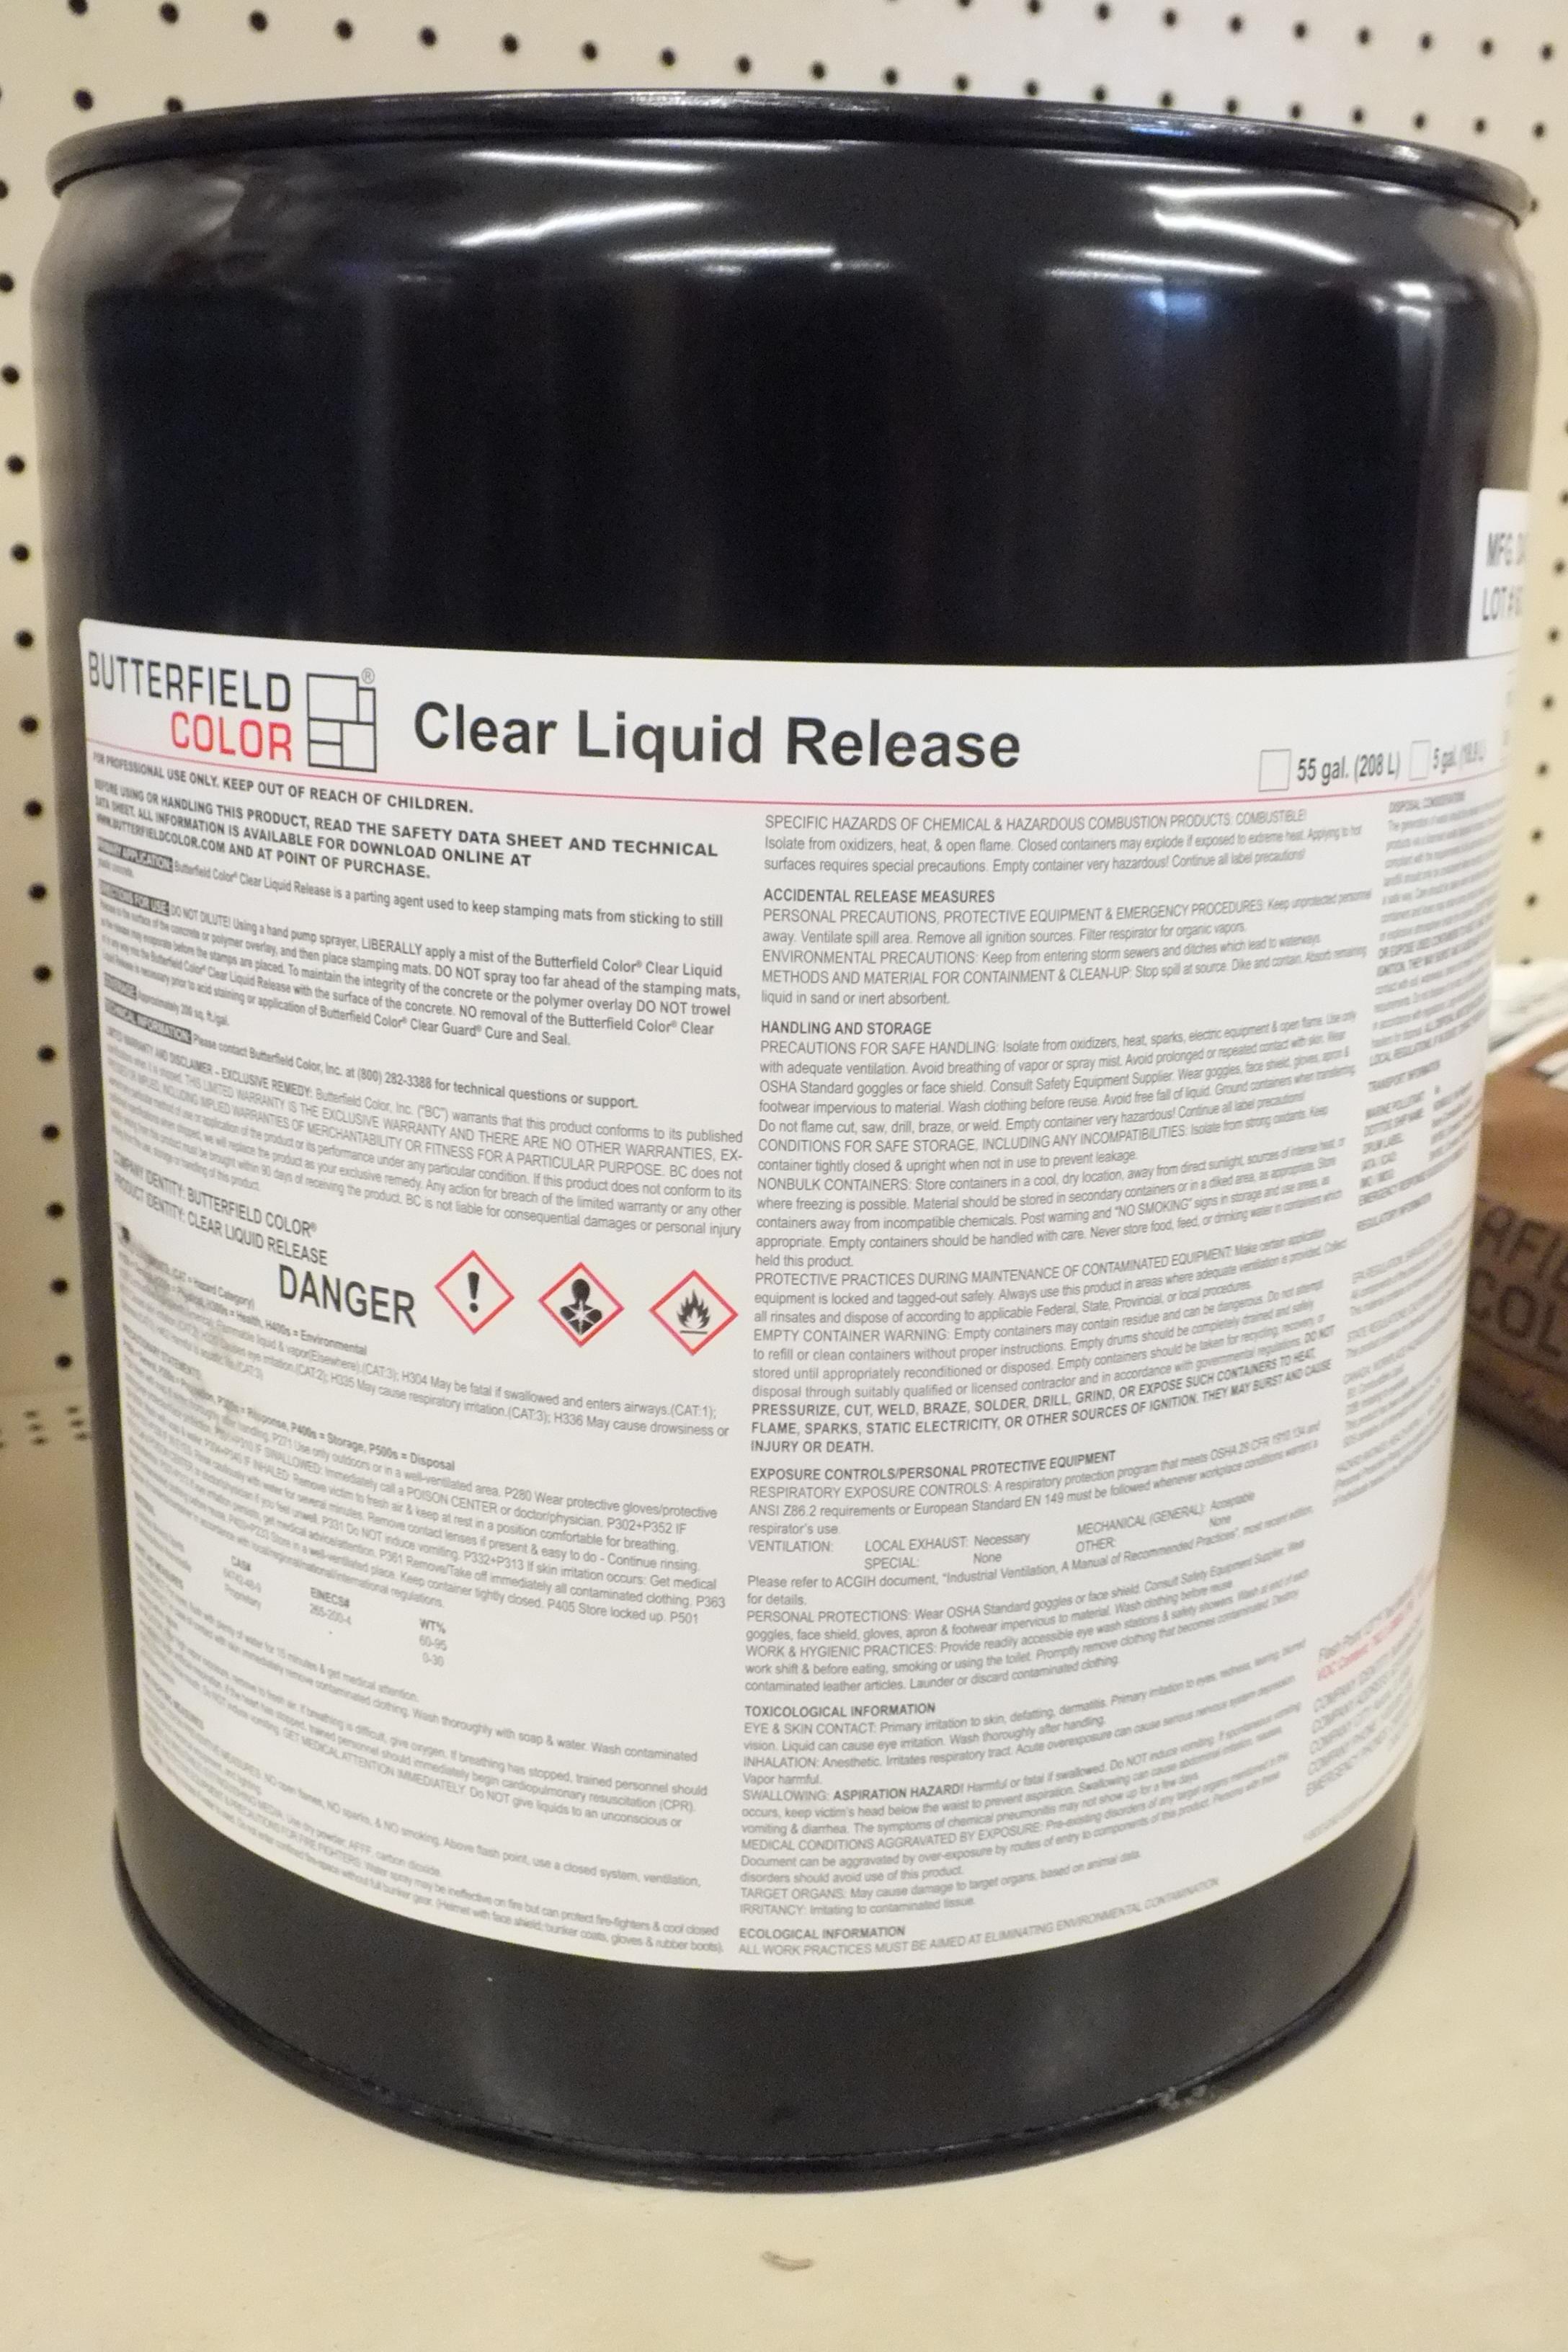 Butterfield Clear Liquid Release -